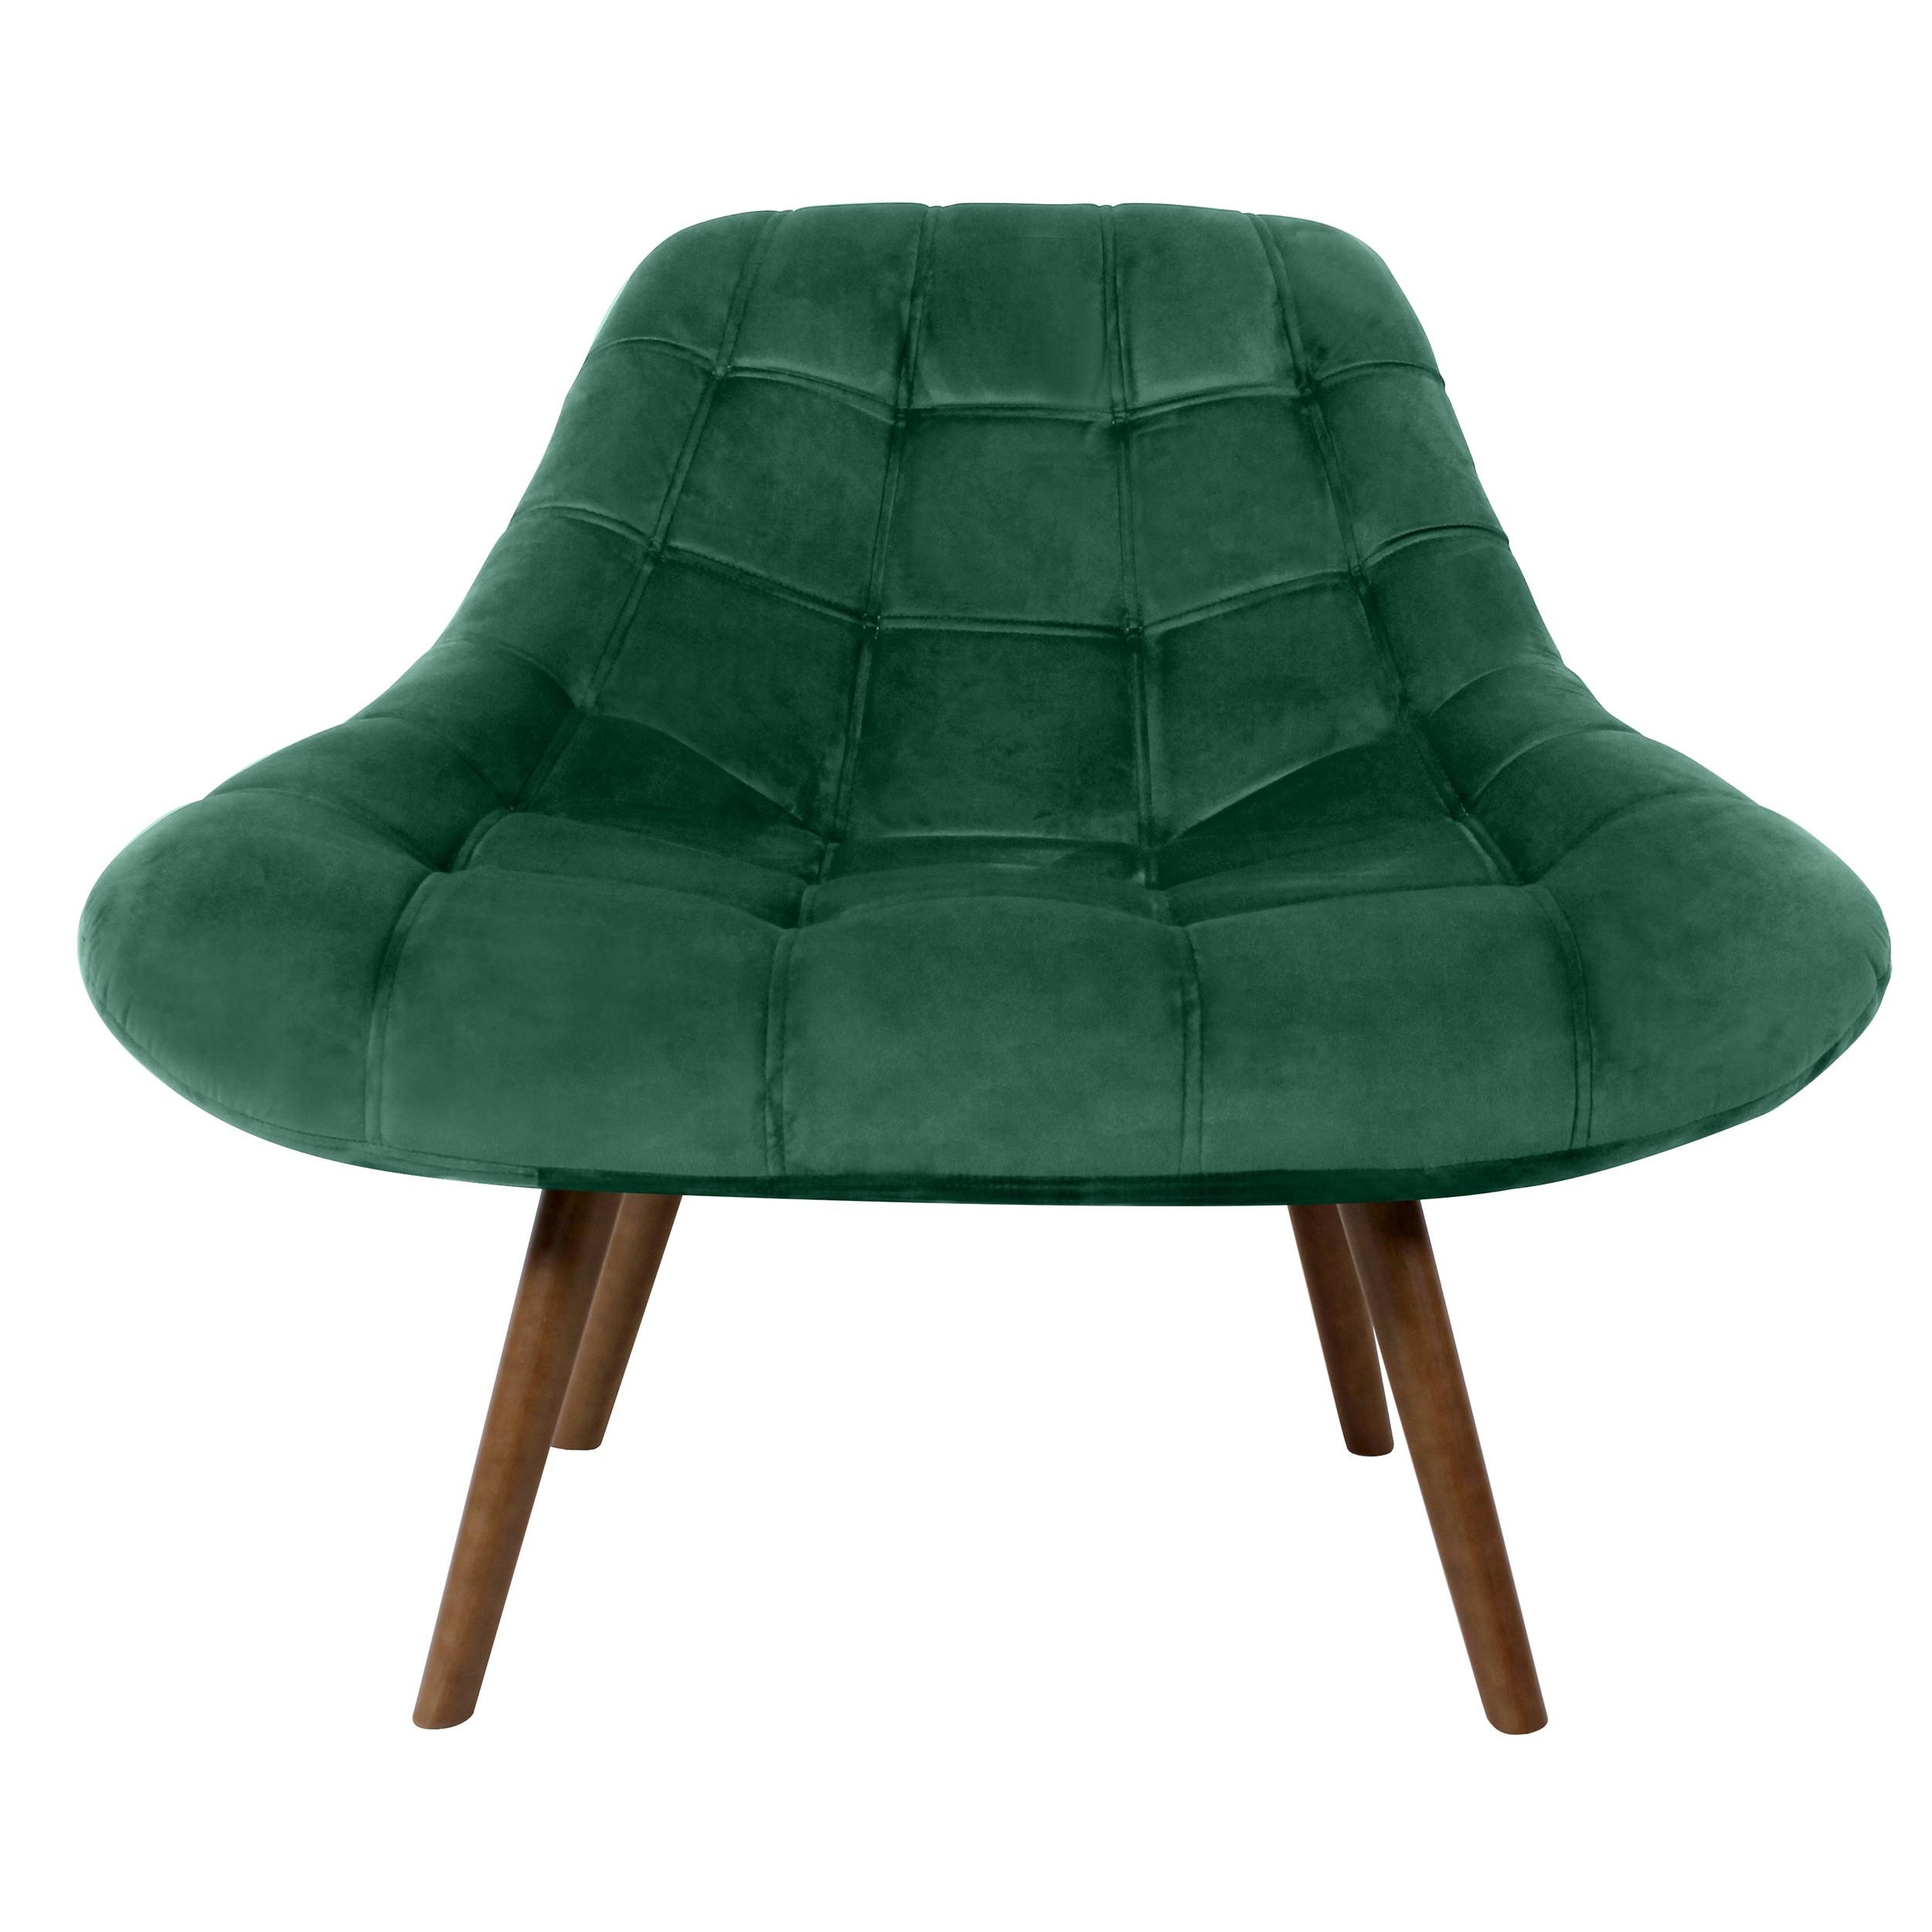 acheter fauteuil cozy confortable